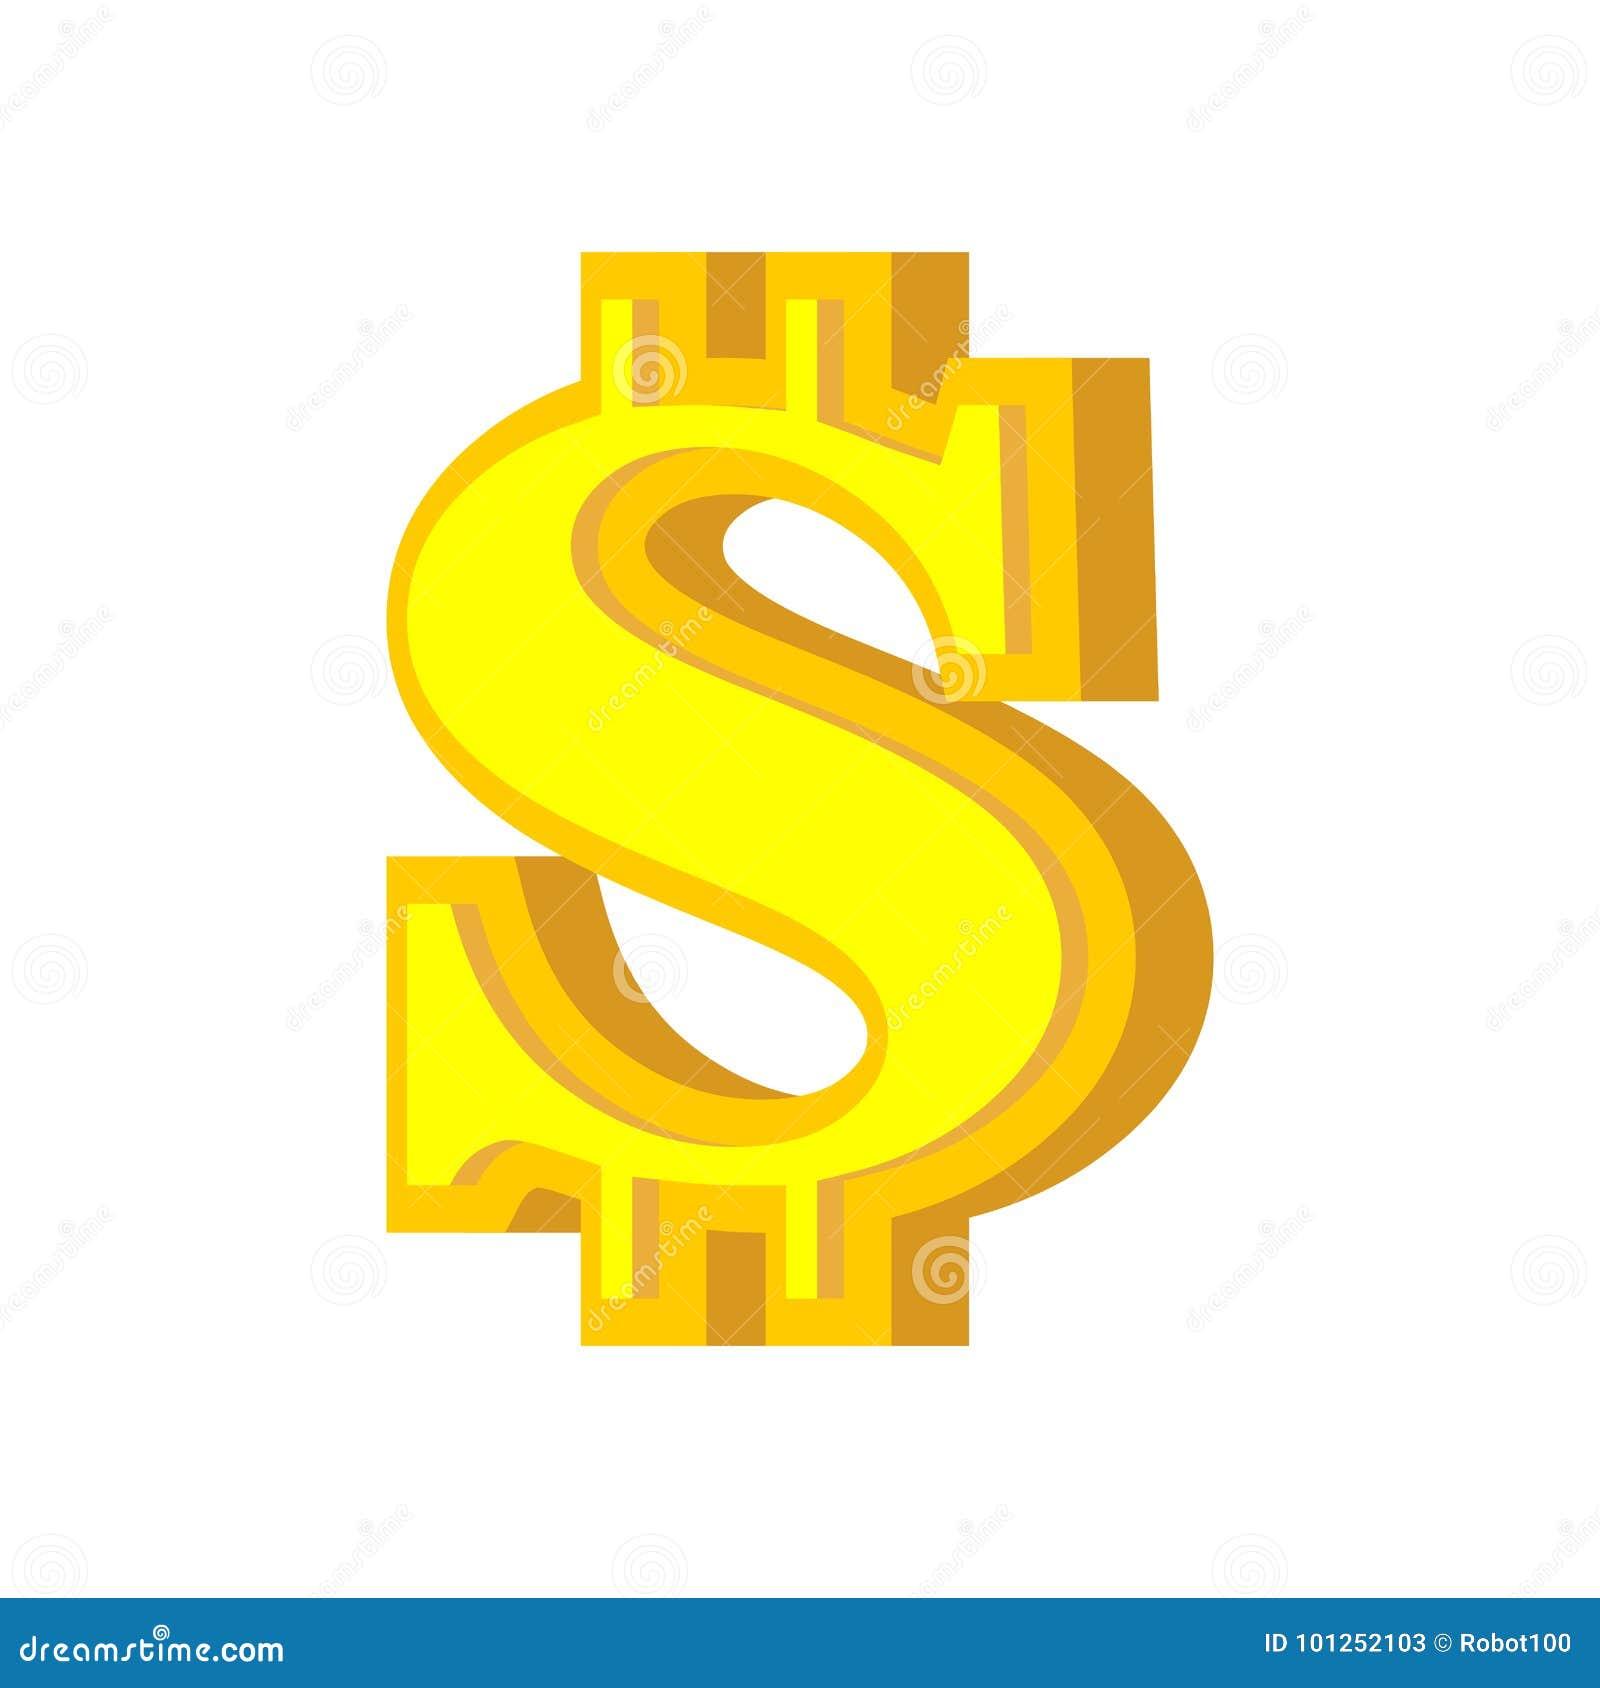 letrade ha dei futures bitcoin